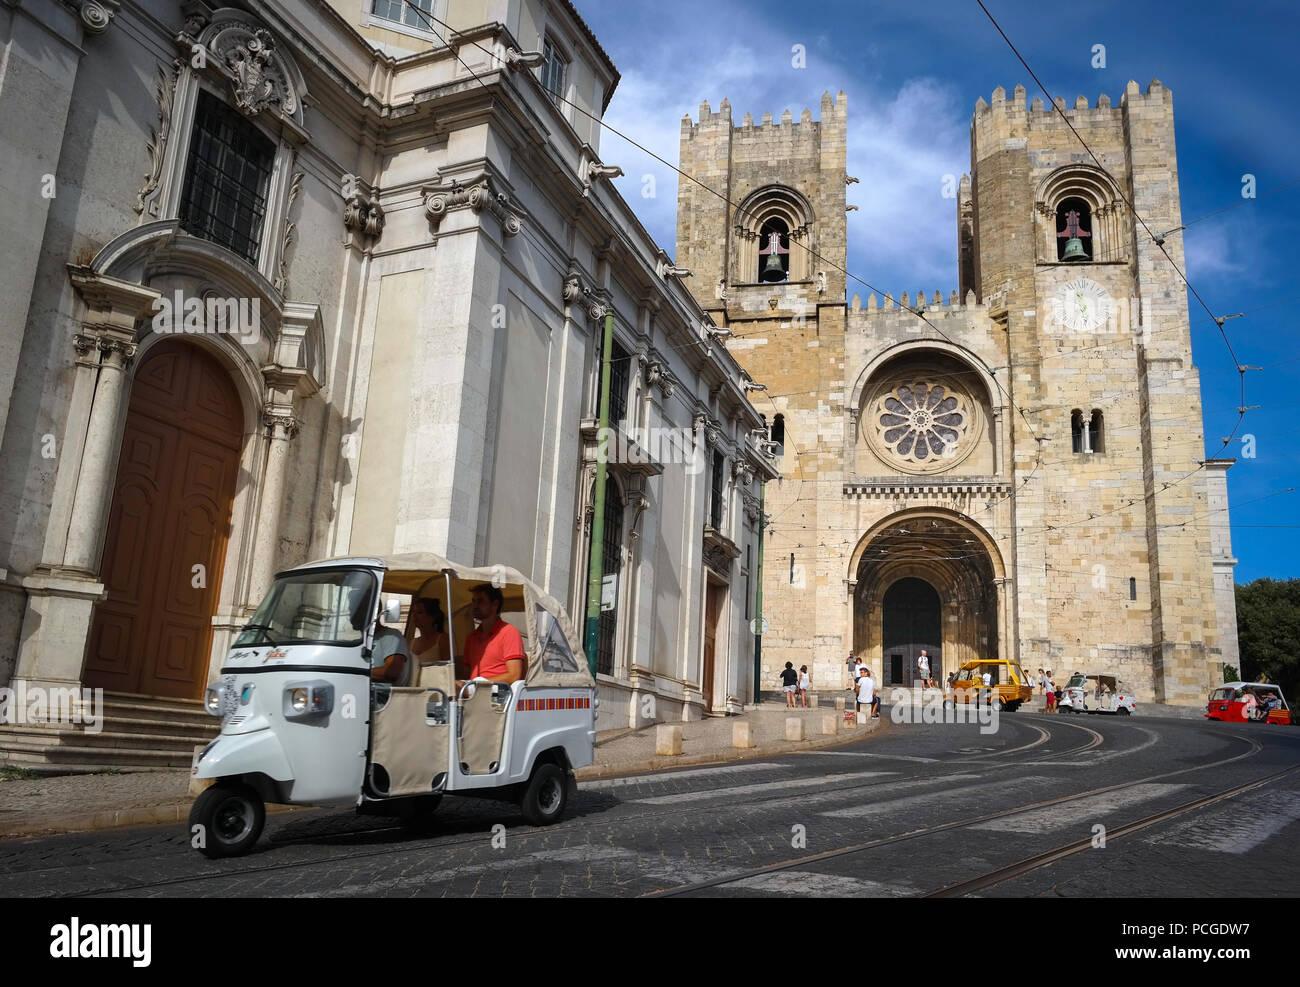 Lisbonne. Les touristes en évitant la montée raide en prenant un tuk-tuk. Zé cathédrale en arrière-plan. Photo Stock